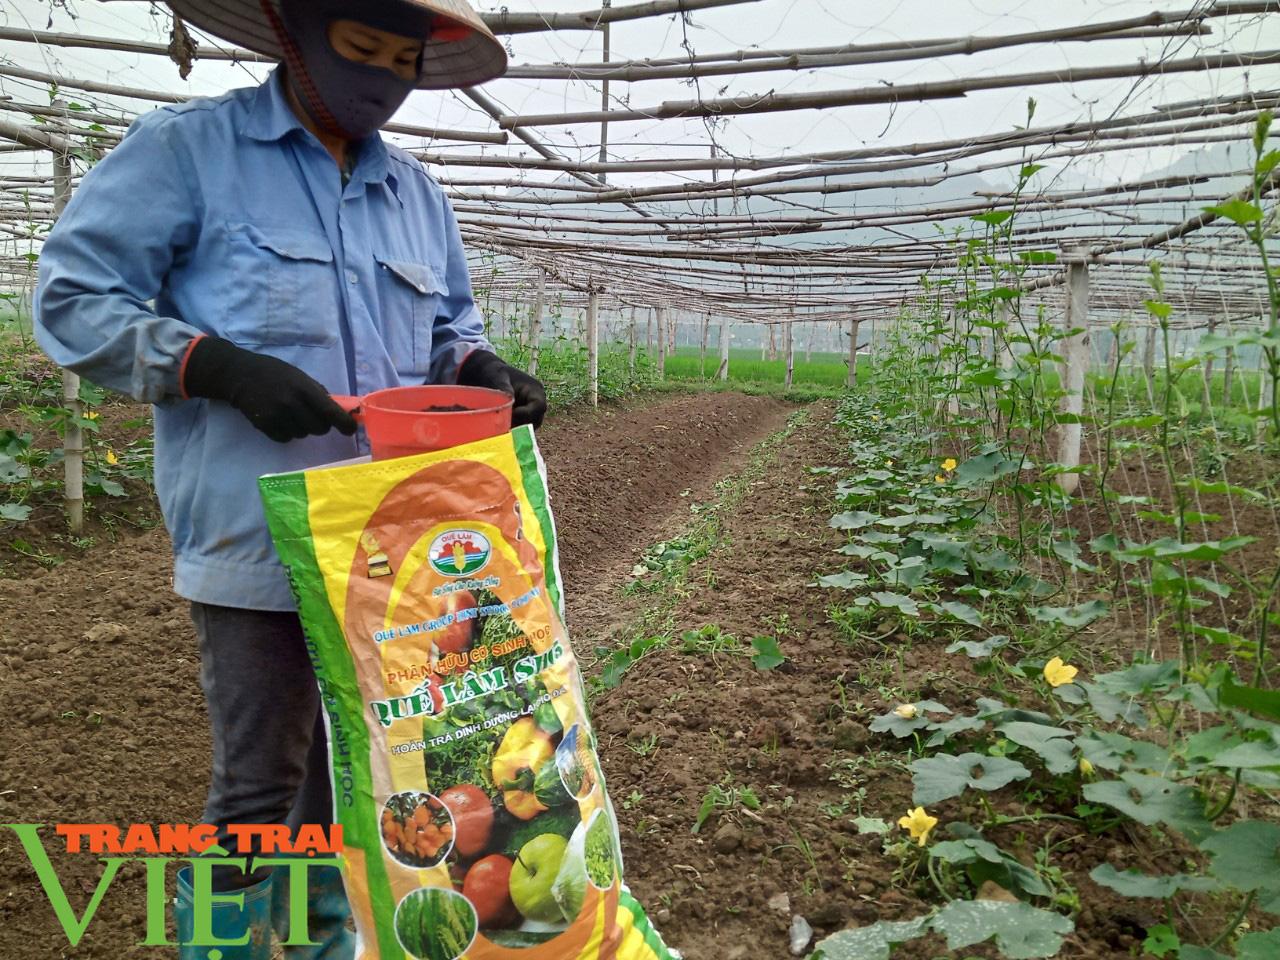 HTX Nông nghiệp Mường Tấc sản xuất nông nghiệp theo hướng hữu cơ - Ảnh 4.